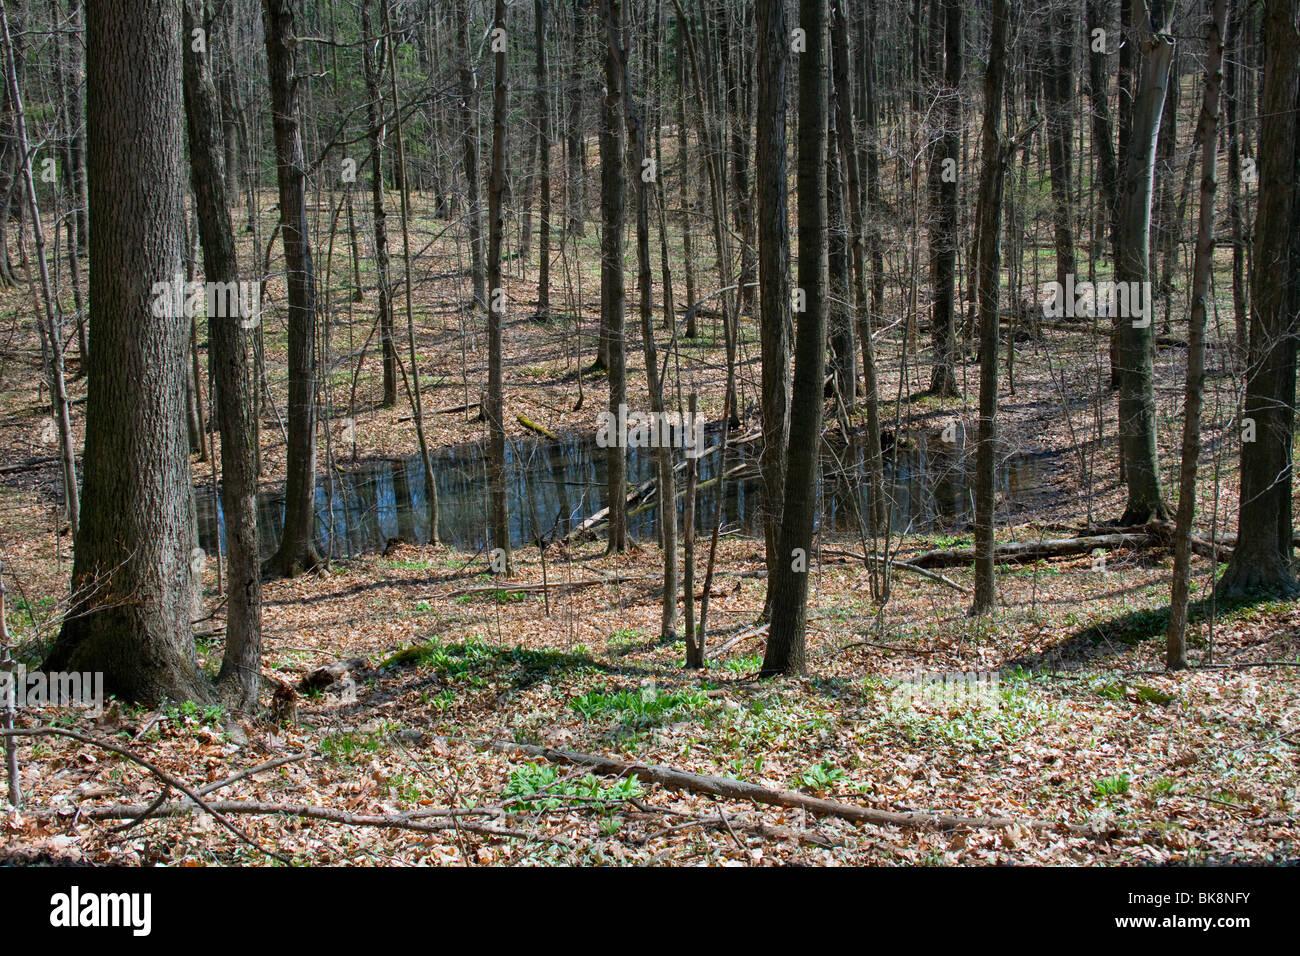 Vernal Teich östlichen Laubwald Frühjahr E USA von Dembinsky Foto Assoc Stockbild